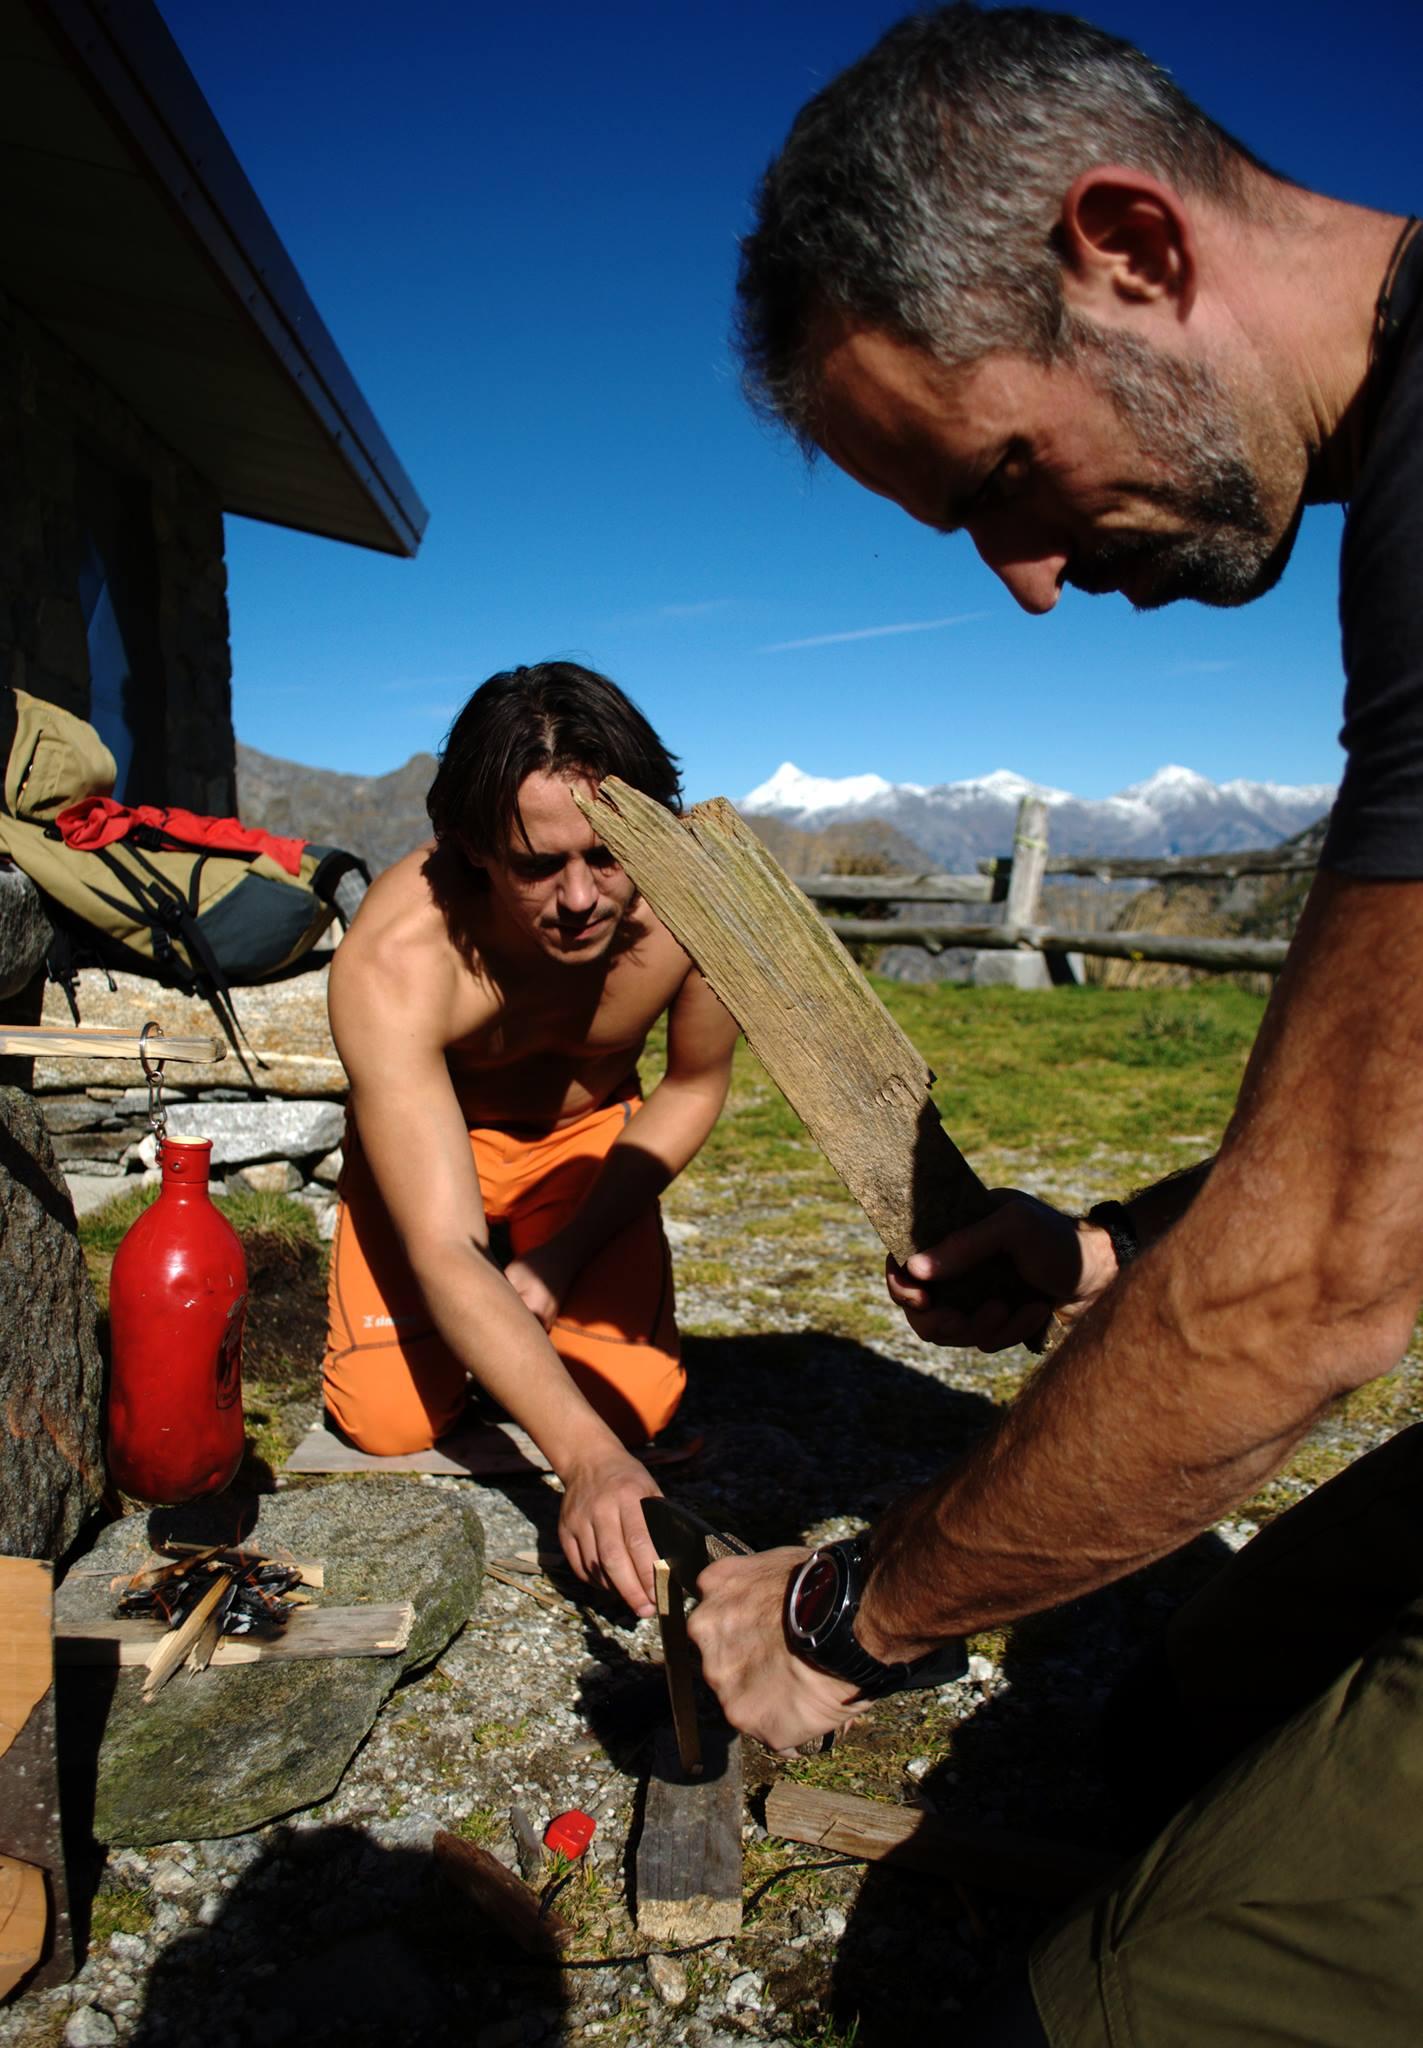 al lavoro per tagliare legnetti piccoli adatti ad alimentare il nostro fuoco